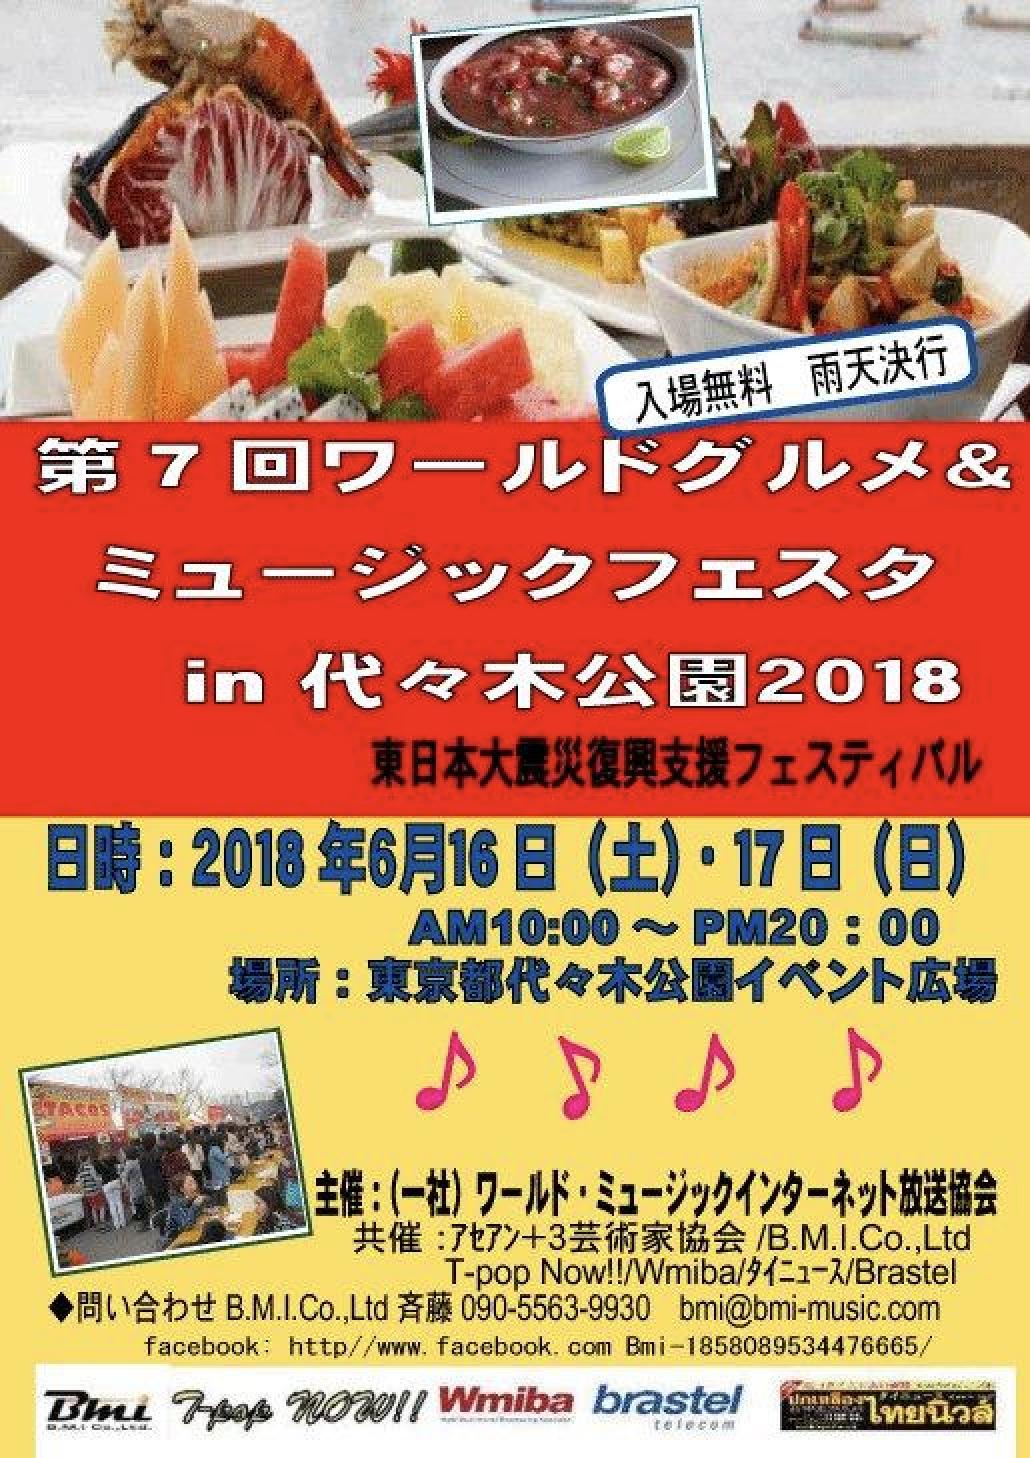 第7回ワールドグルメ&ミュージックフェスタ in 代々木公園2018